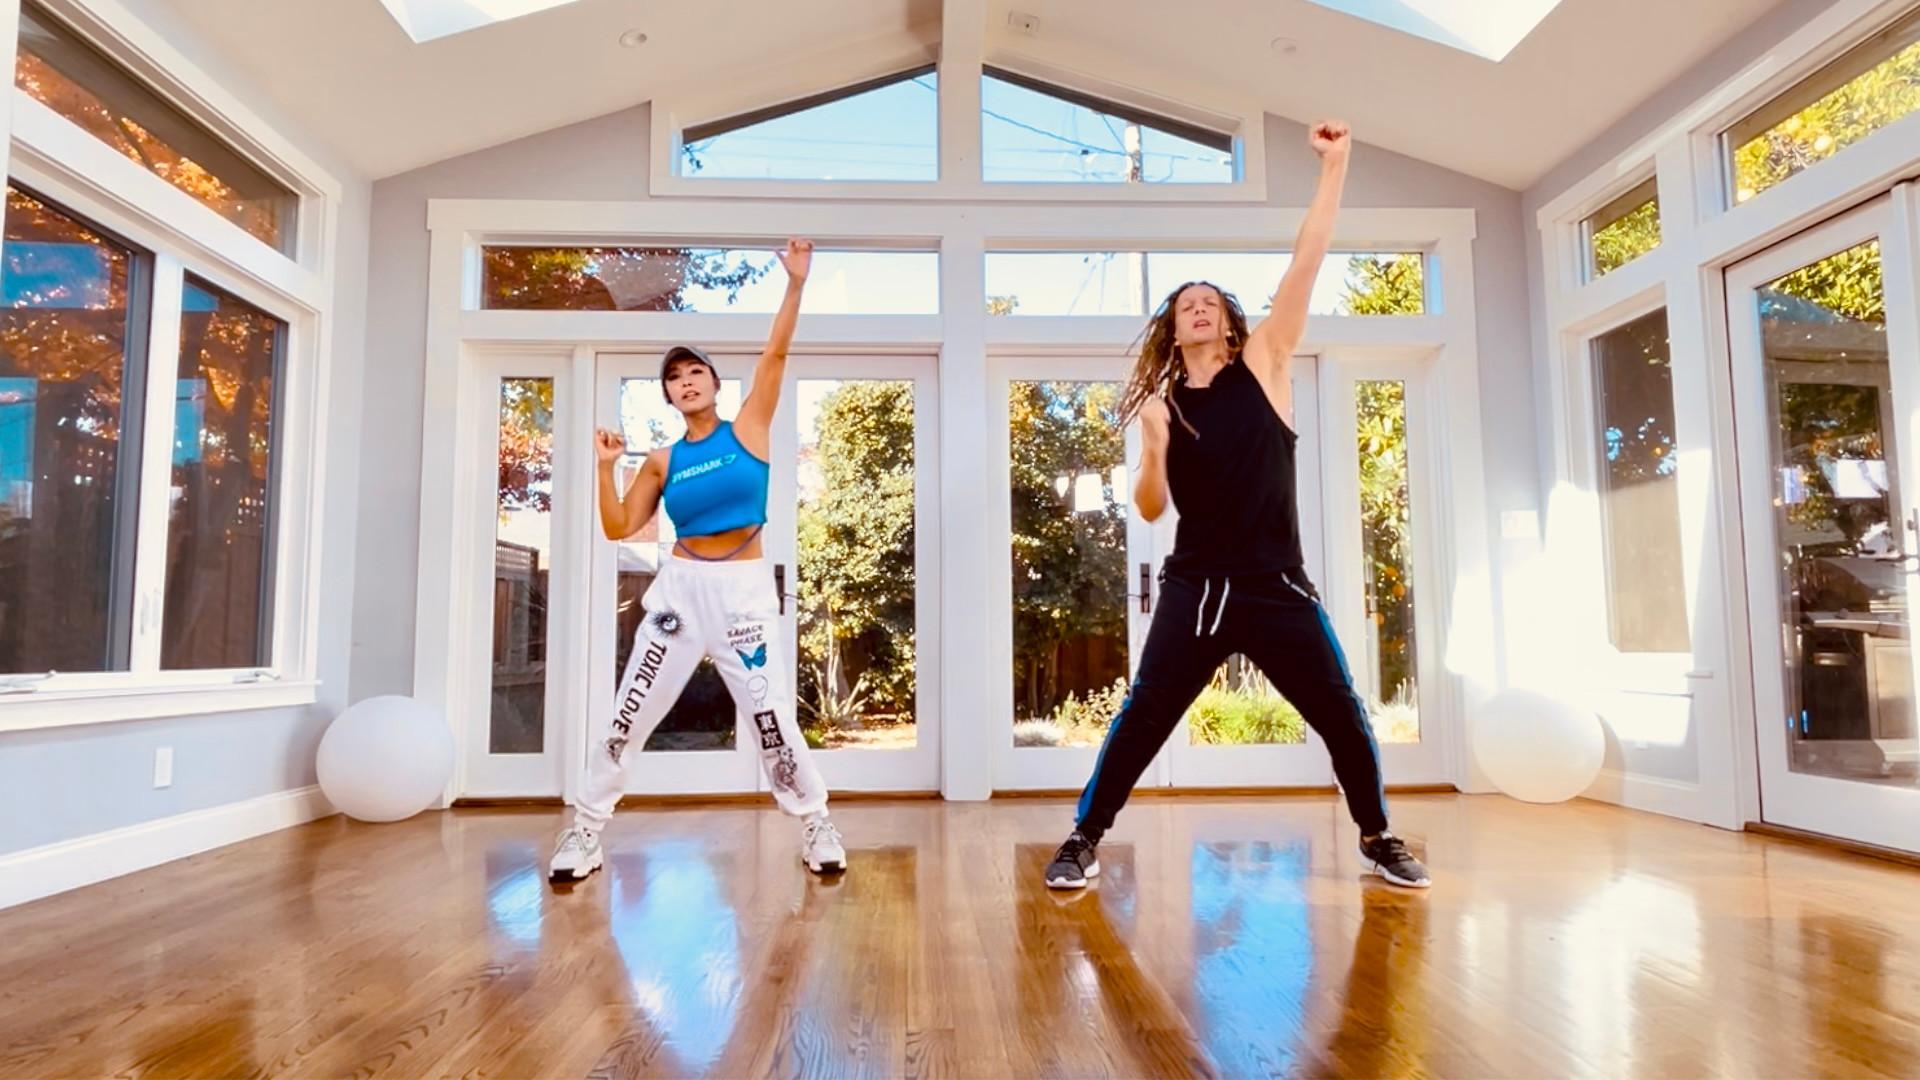 Danceation